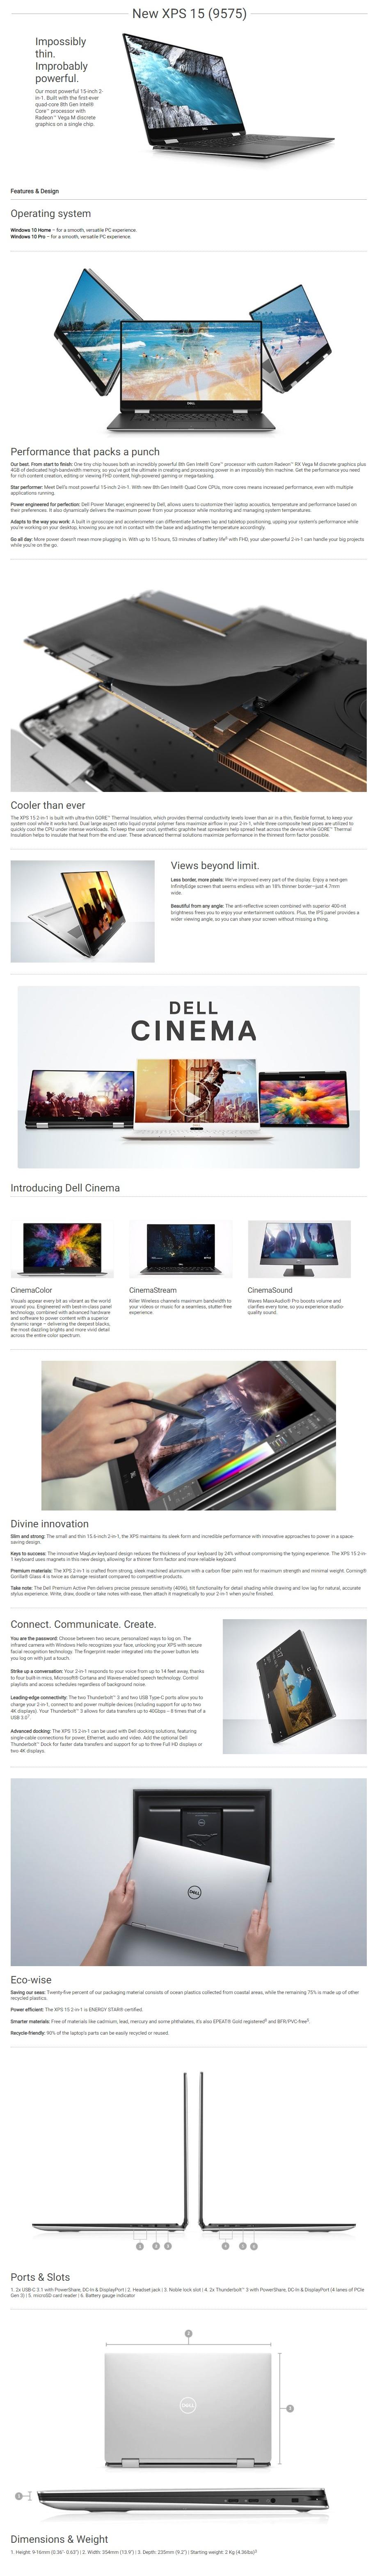 Dell Cinema Color